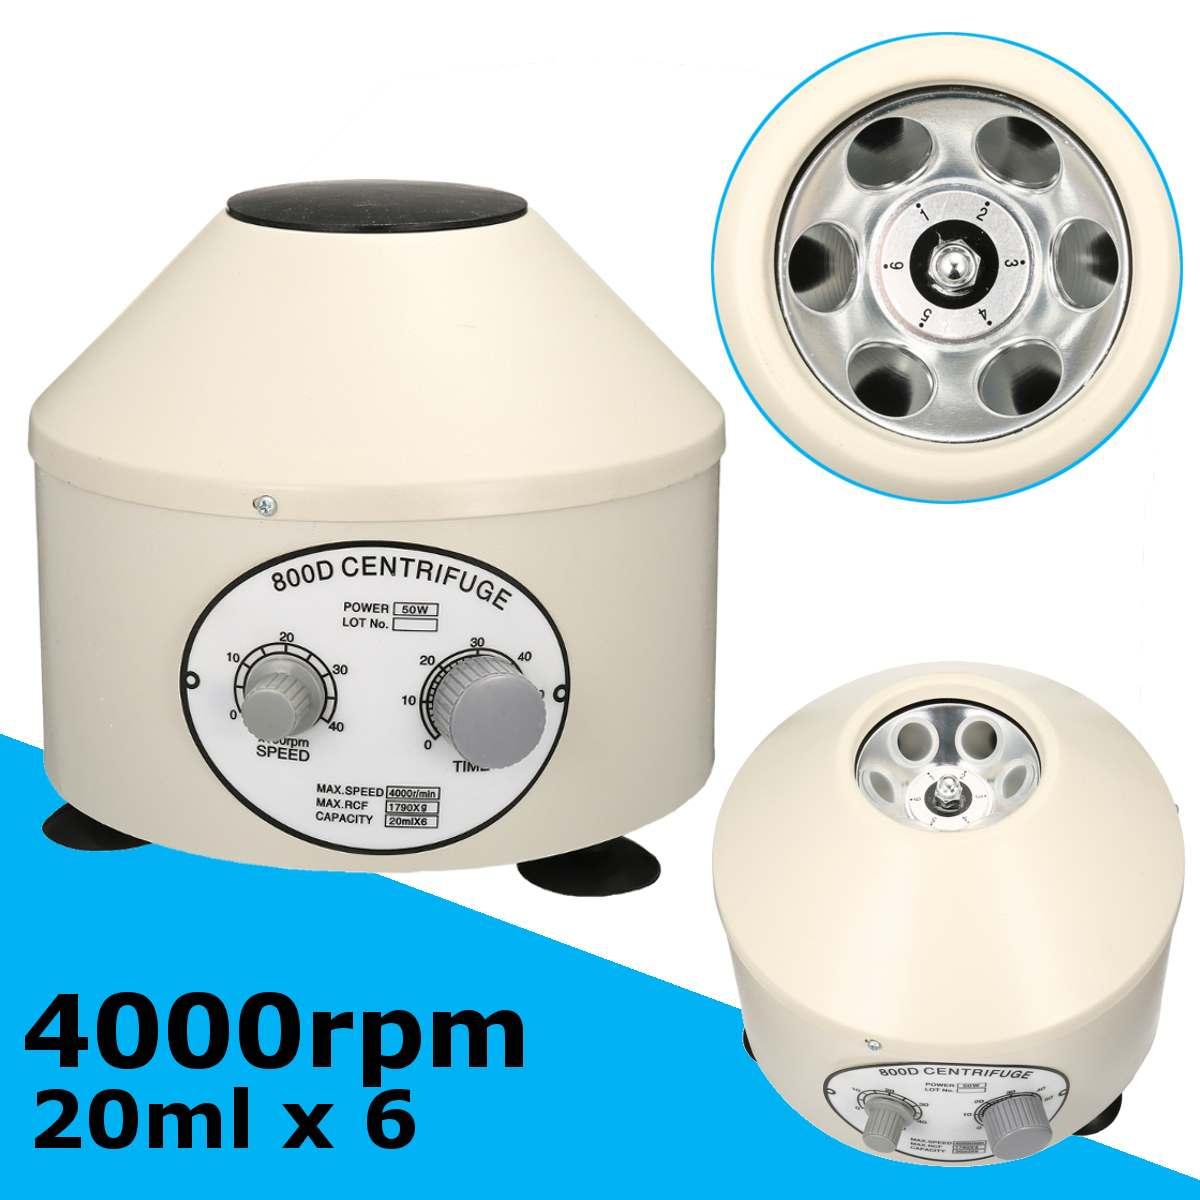 4000 rpm Elektrische Labor Zentrifuge Medizinische Praxis maschine Liefert prp Isolieren serum Medizinische Praxis 220 V